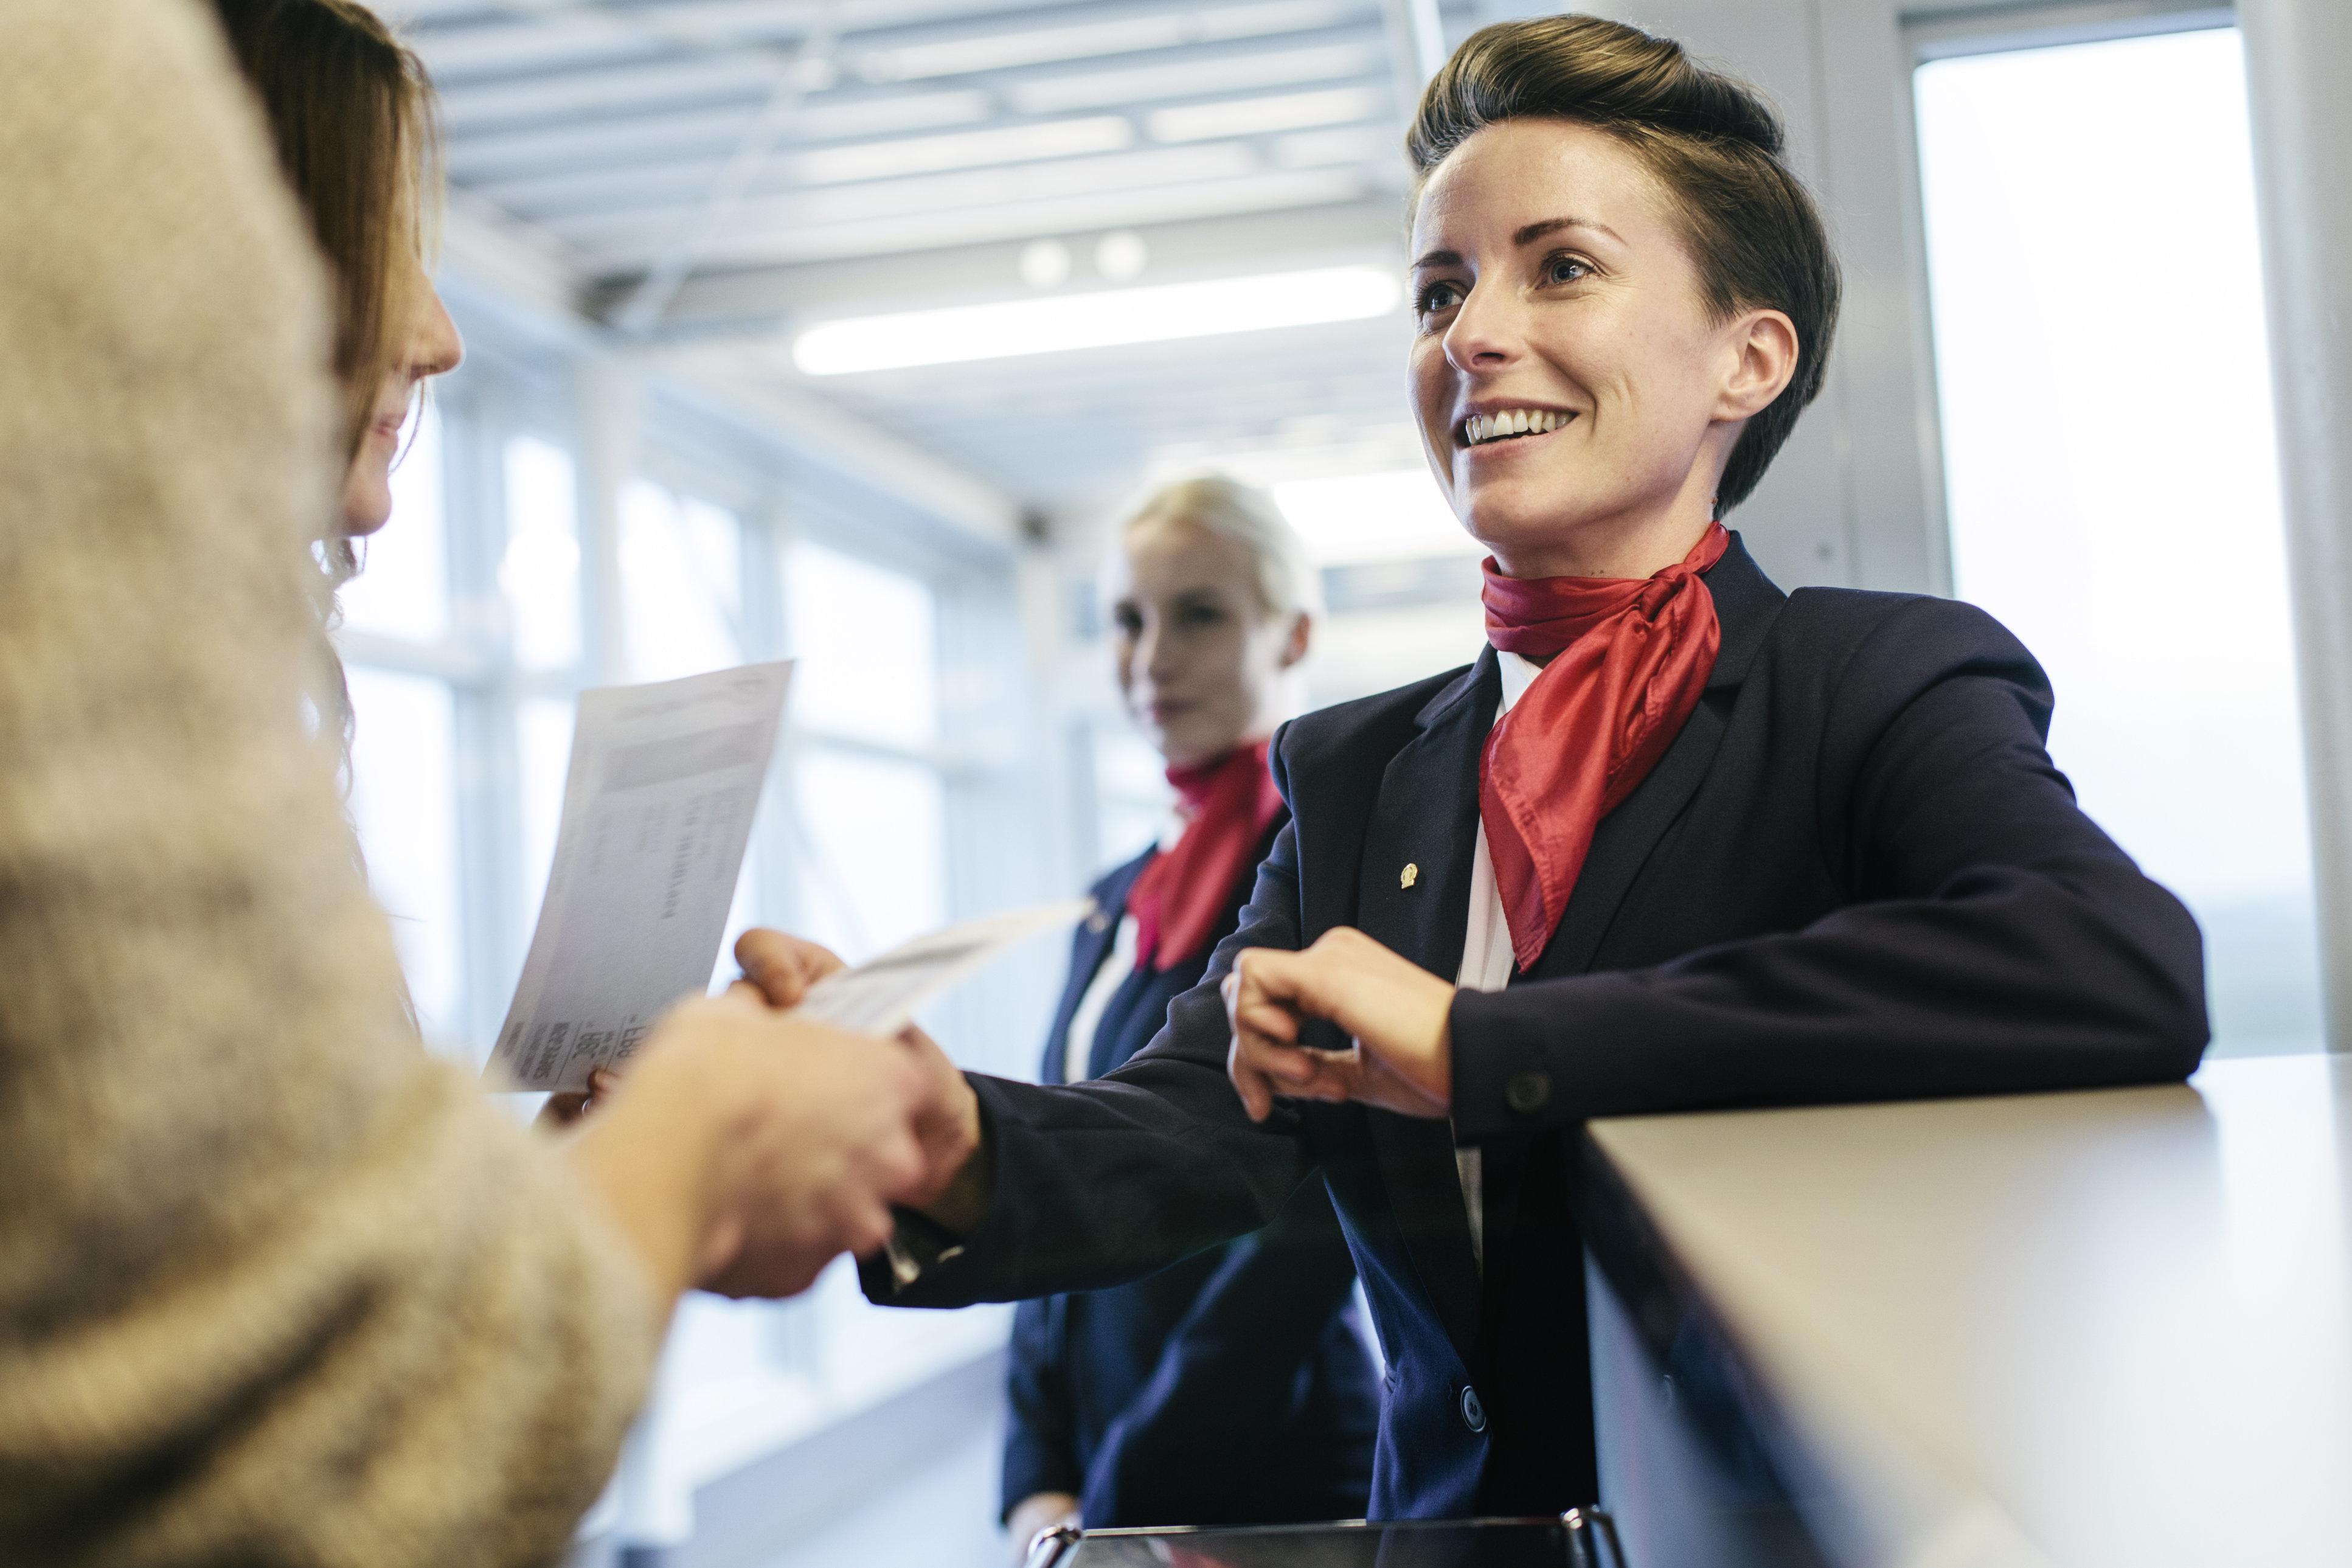 Fare assistenti di volo hook up